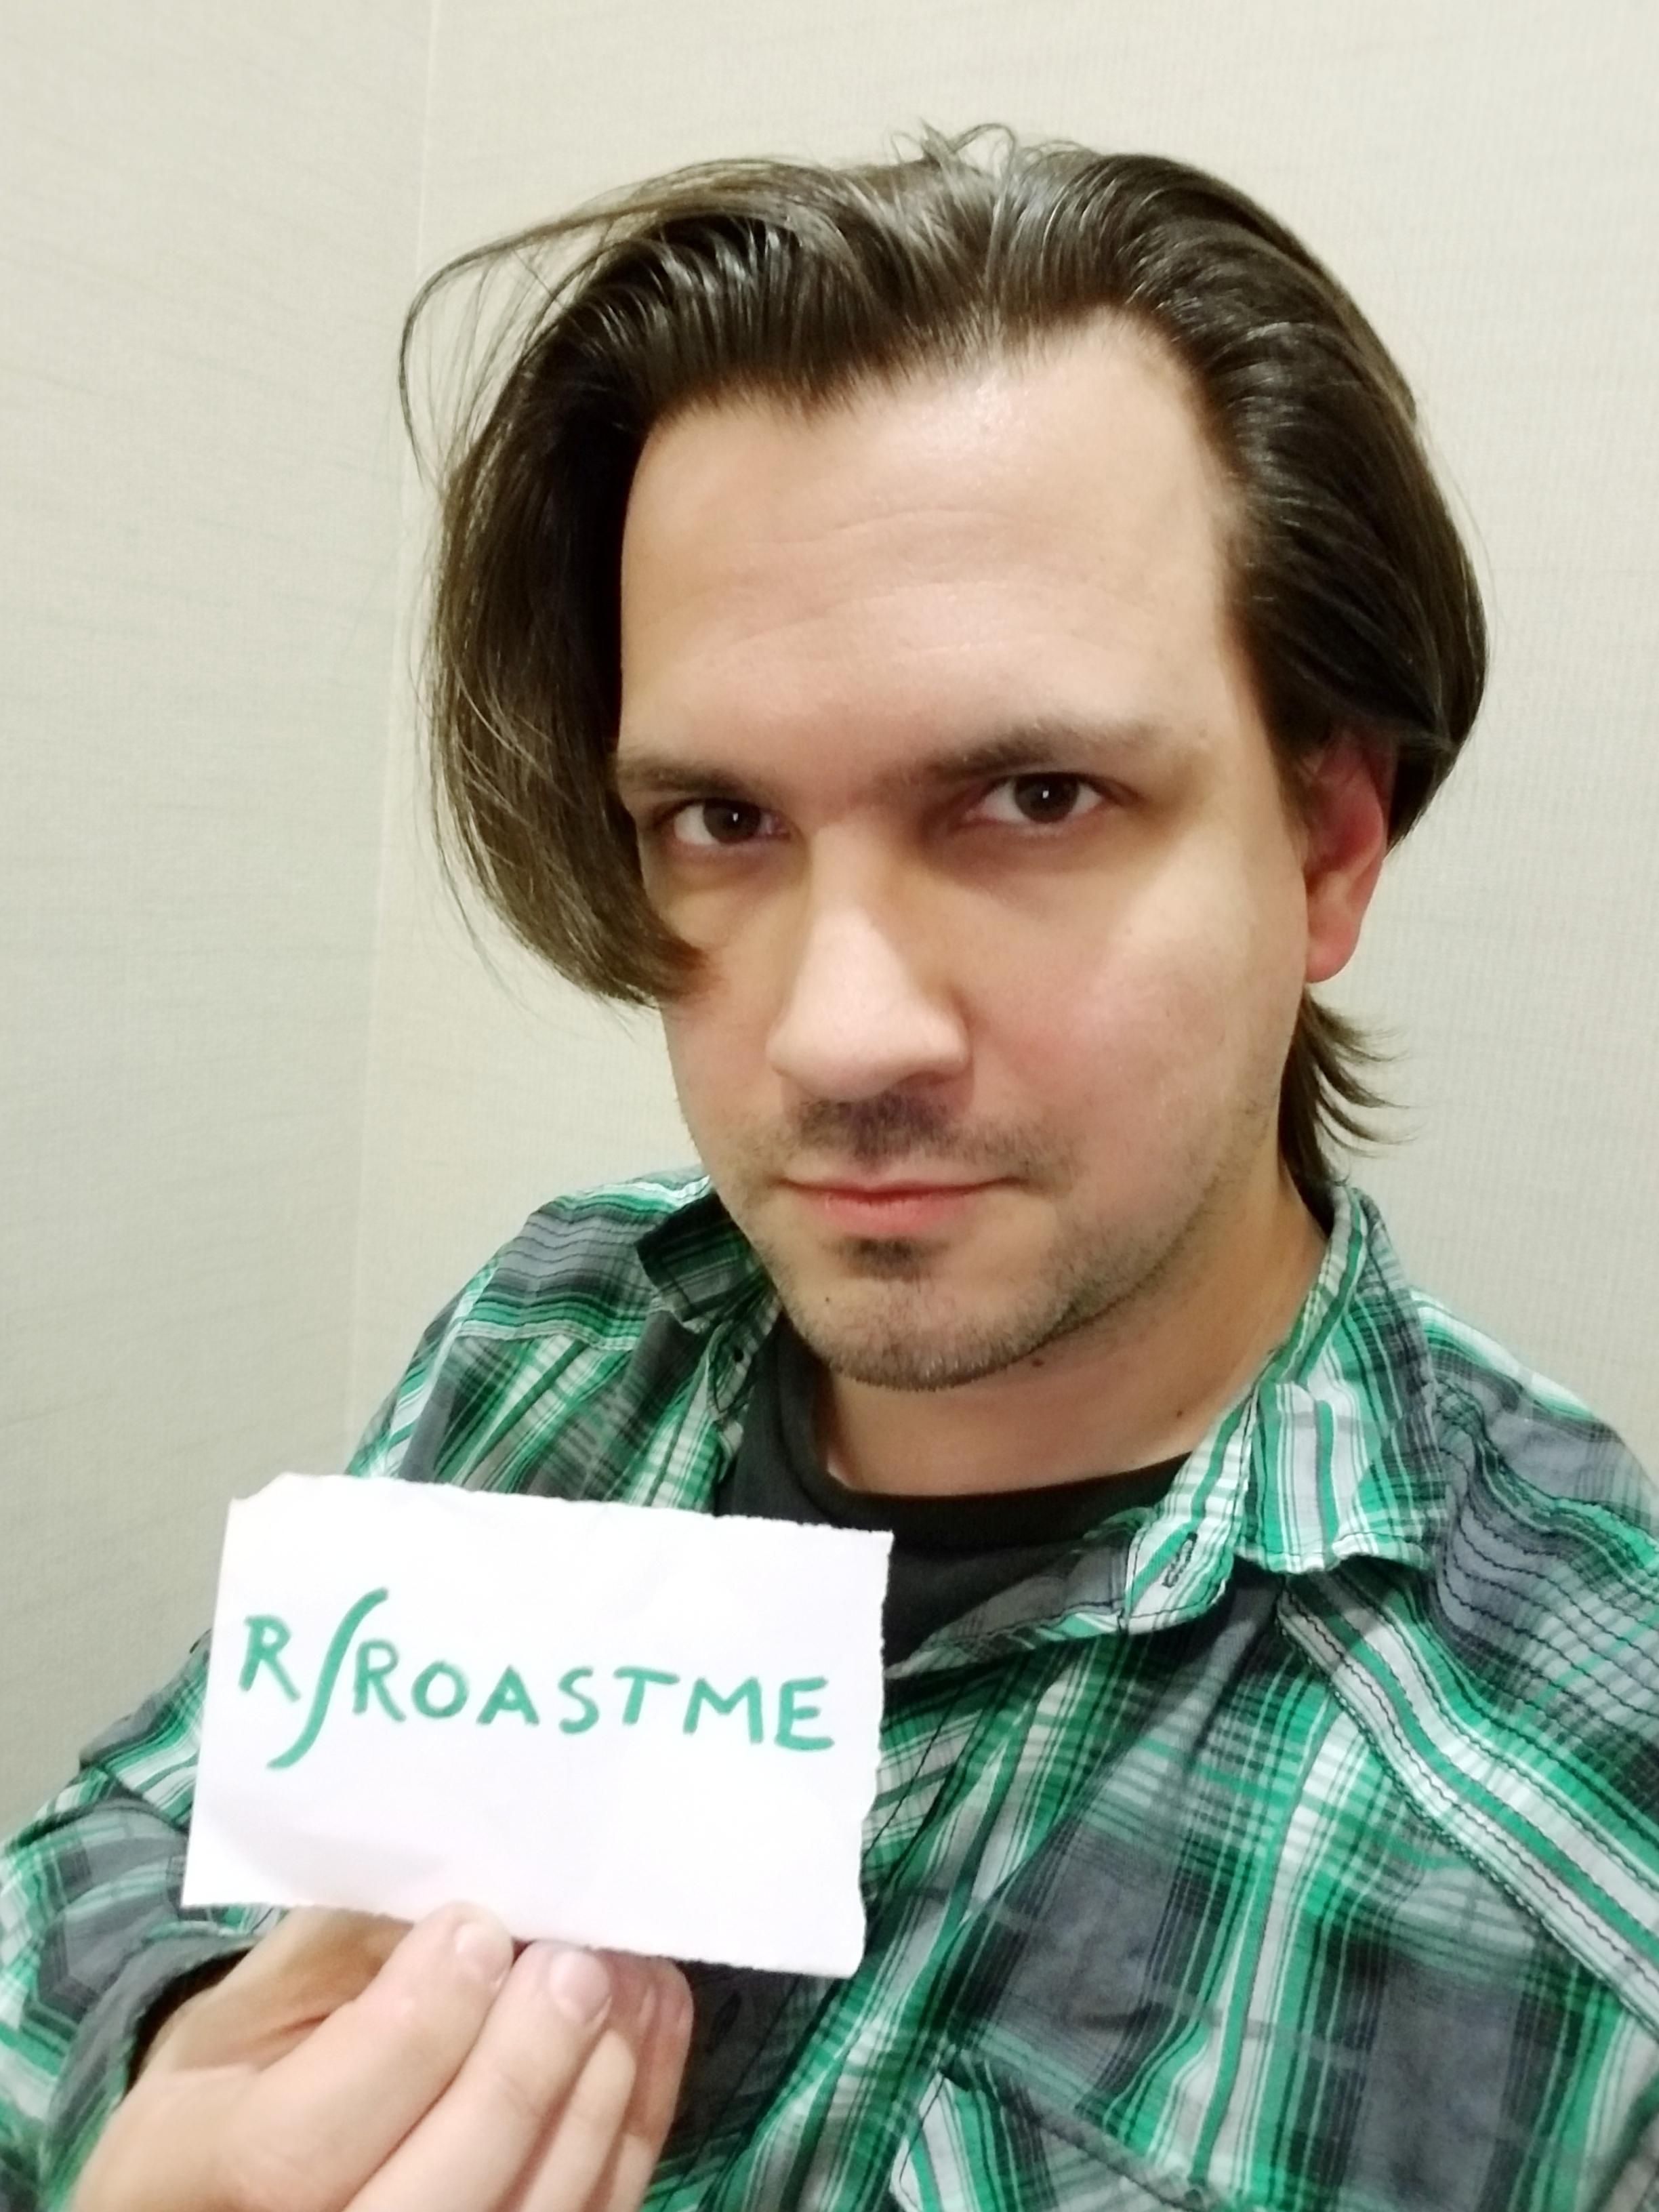 Hair Roasts : roasts, Amazing, Roast, RoastMe